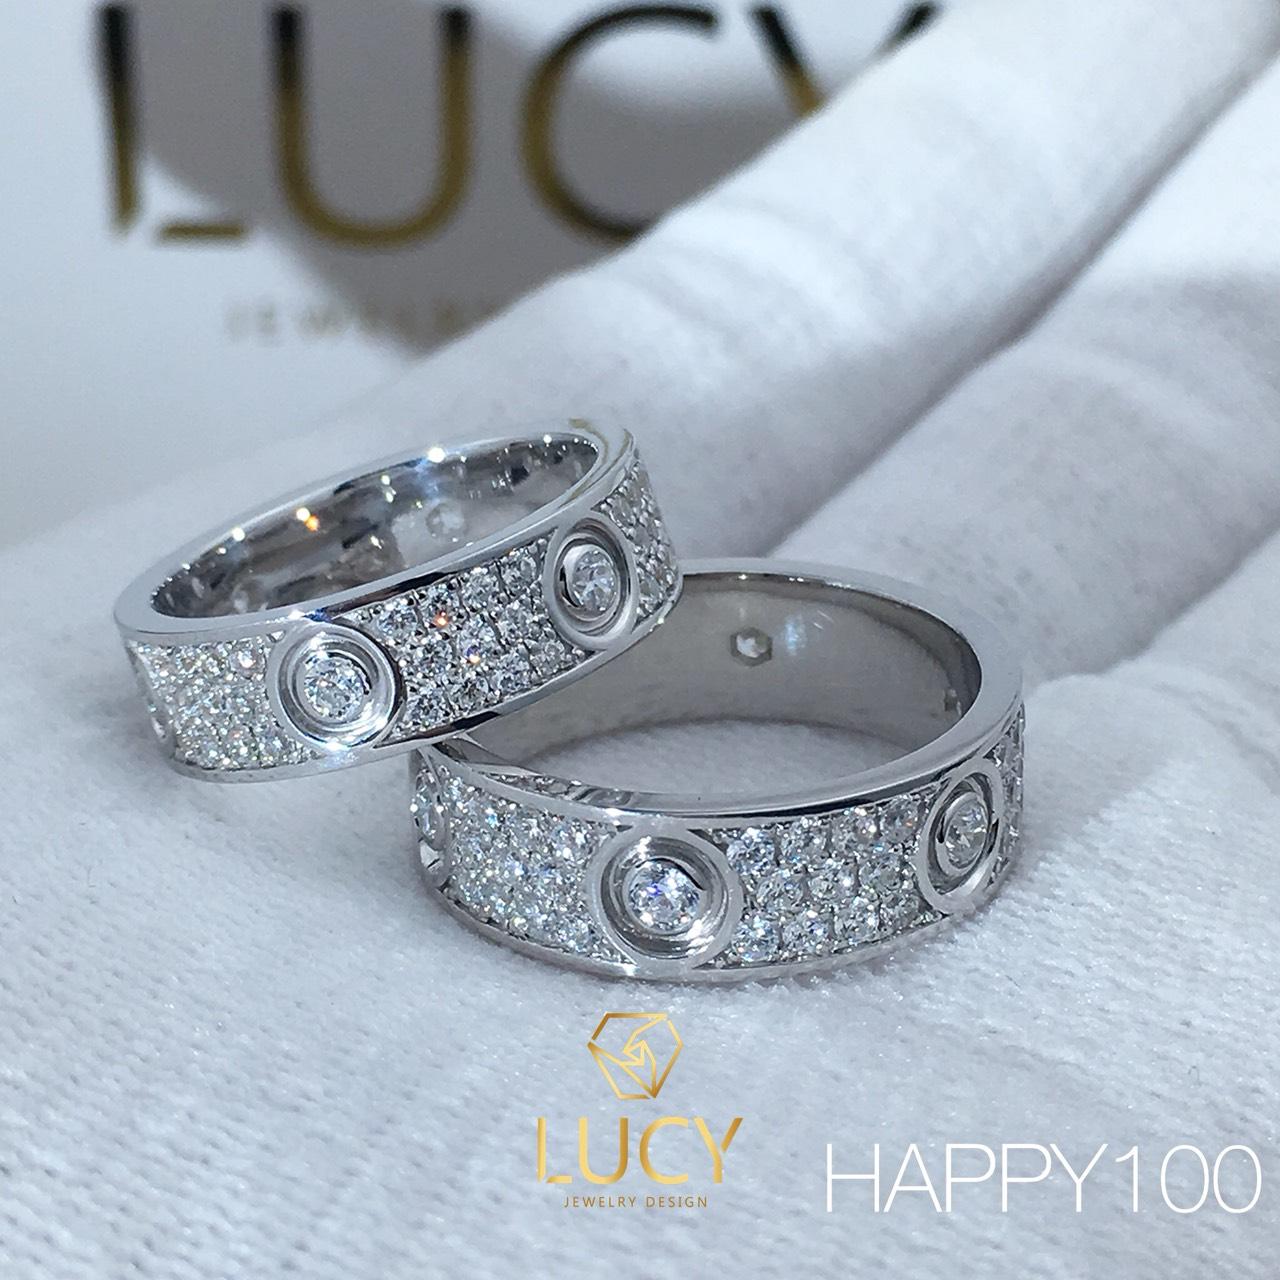 HAPPY100 Nhẫn cưới thiết kế, nhẫn cưới cao cấp, nhẫn cưới kim cương - Lucy Jewelry